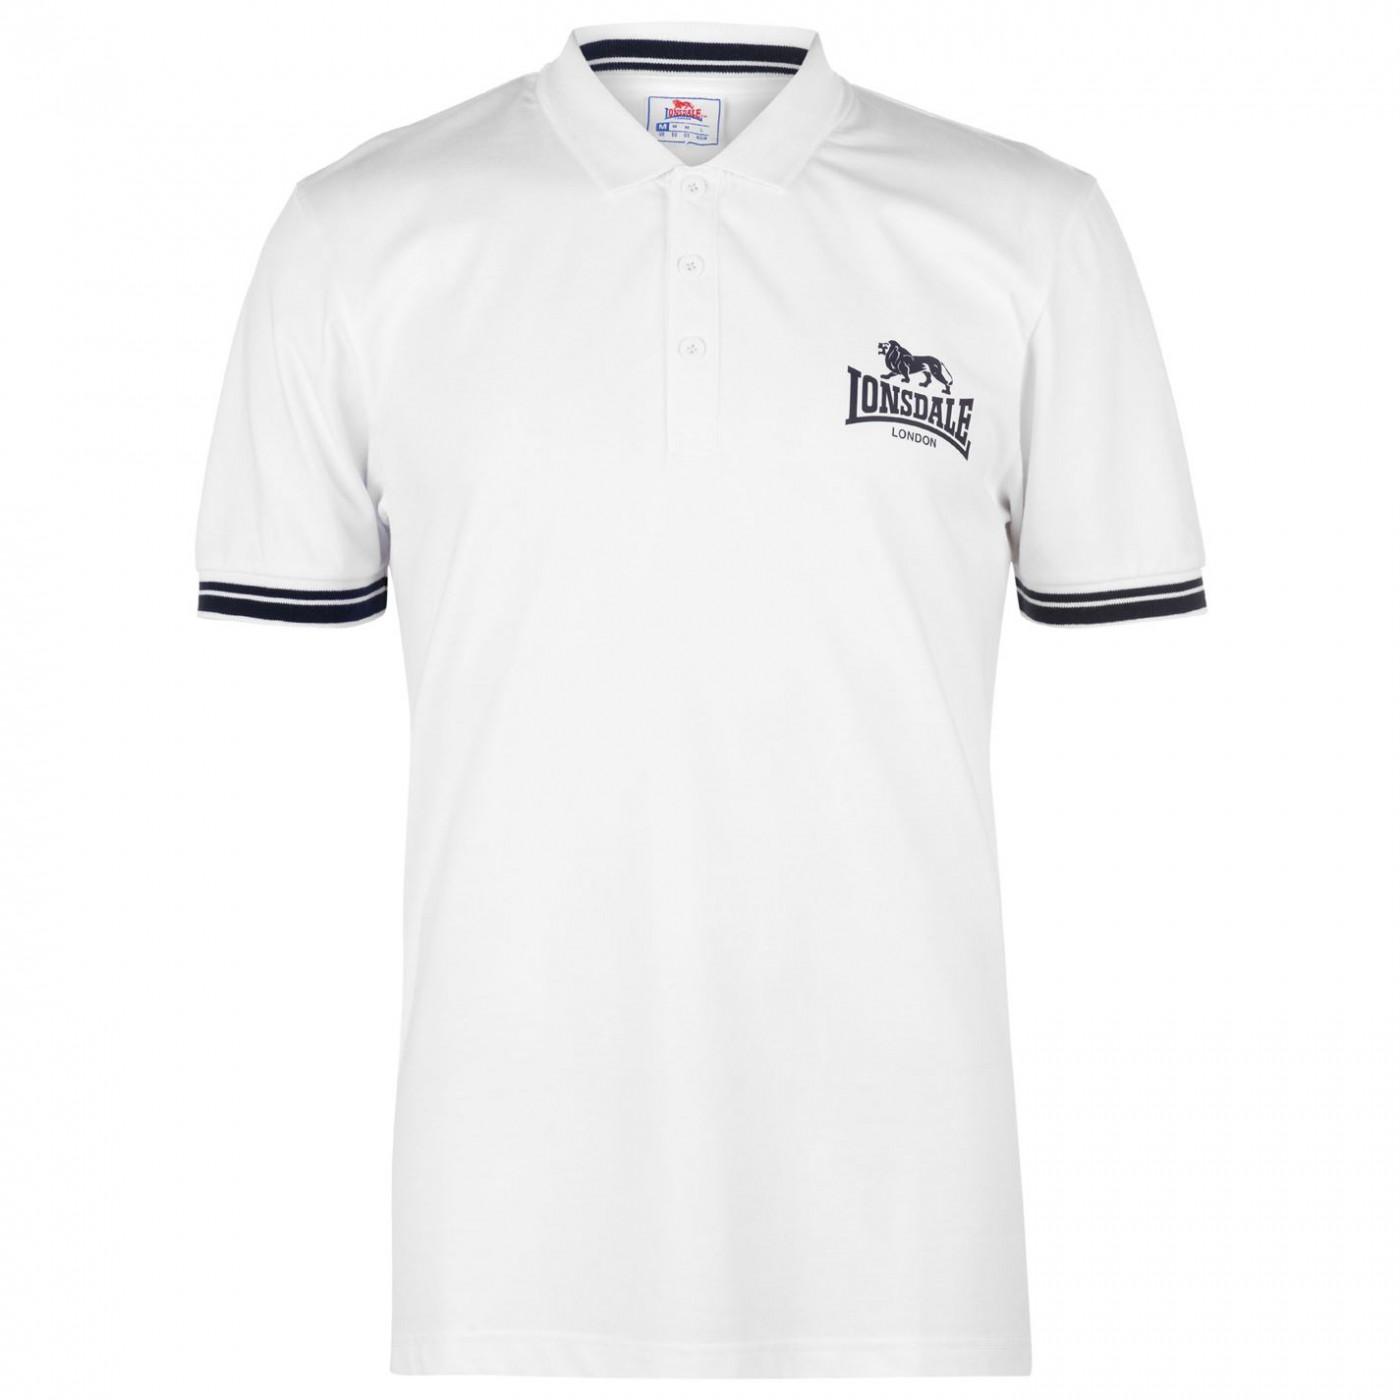 e4ab9a43a66d Lonsdale 2 Stripe Jersey Polo Shirt Mens - FACTCOOL